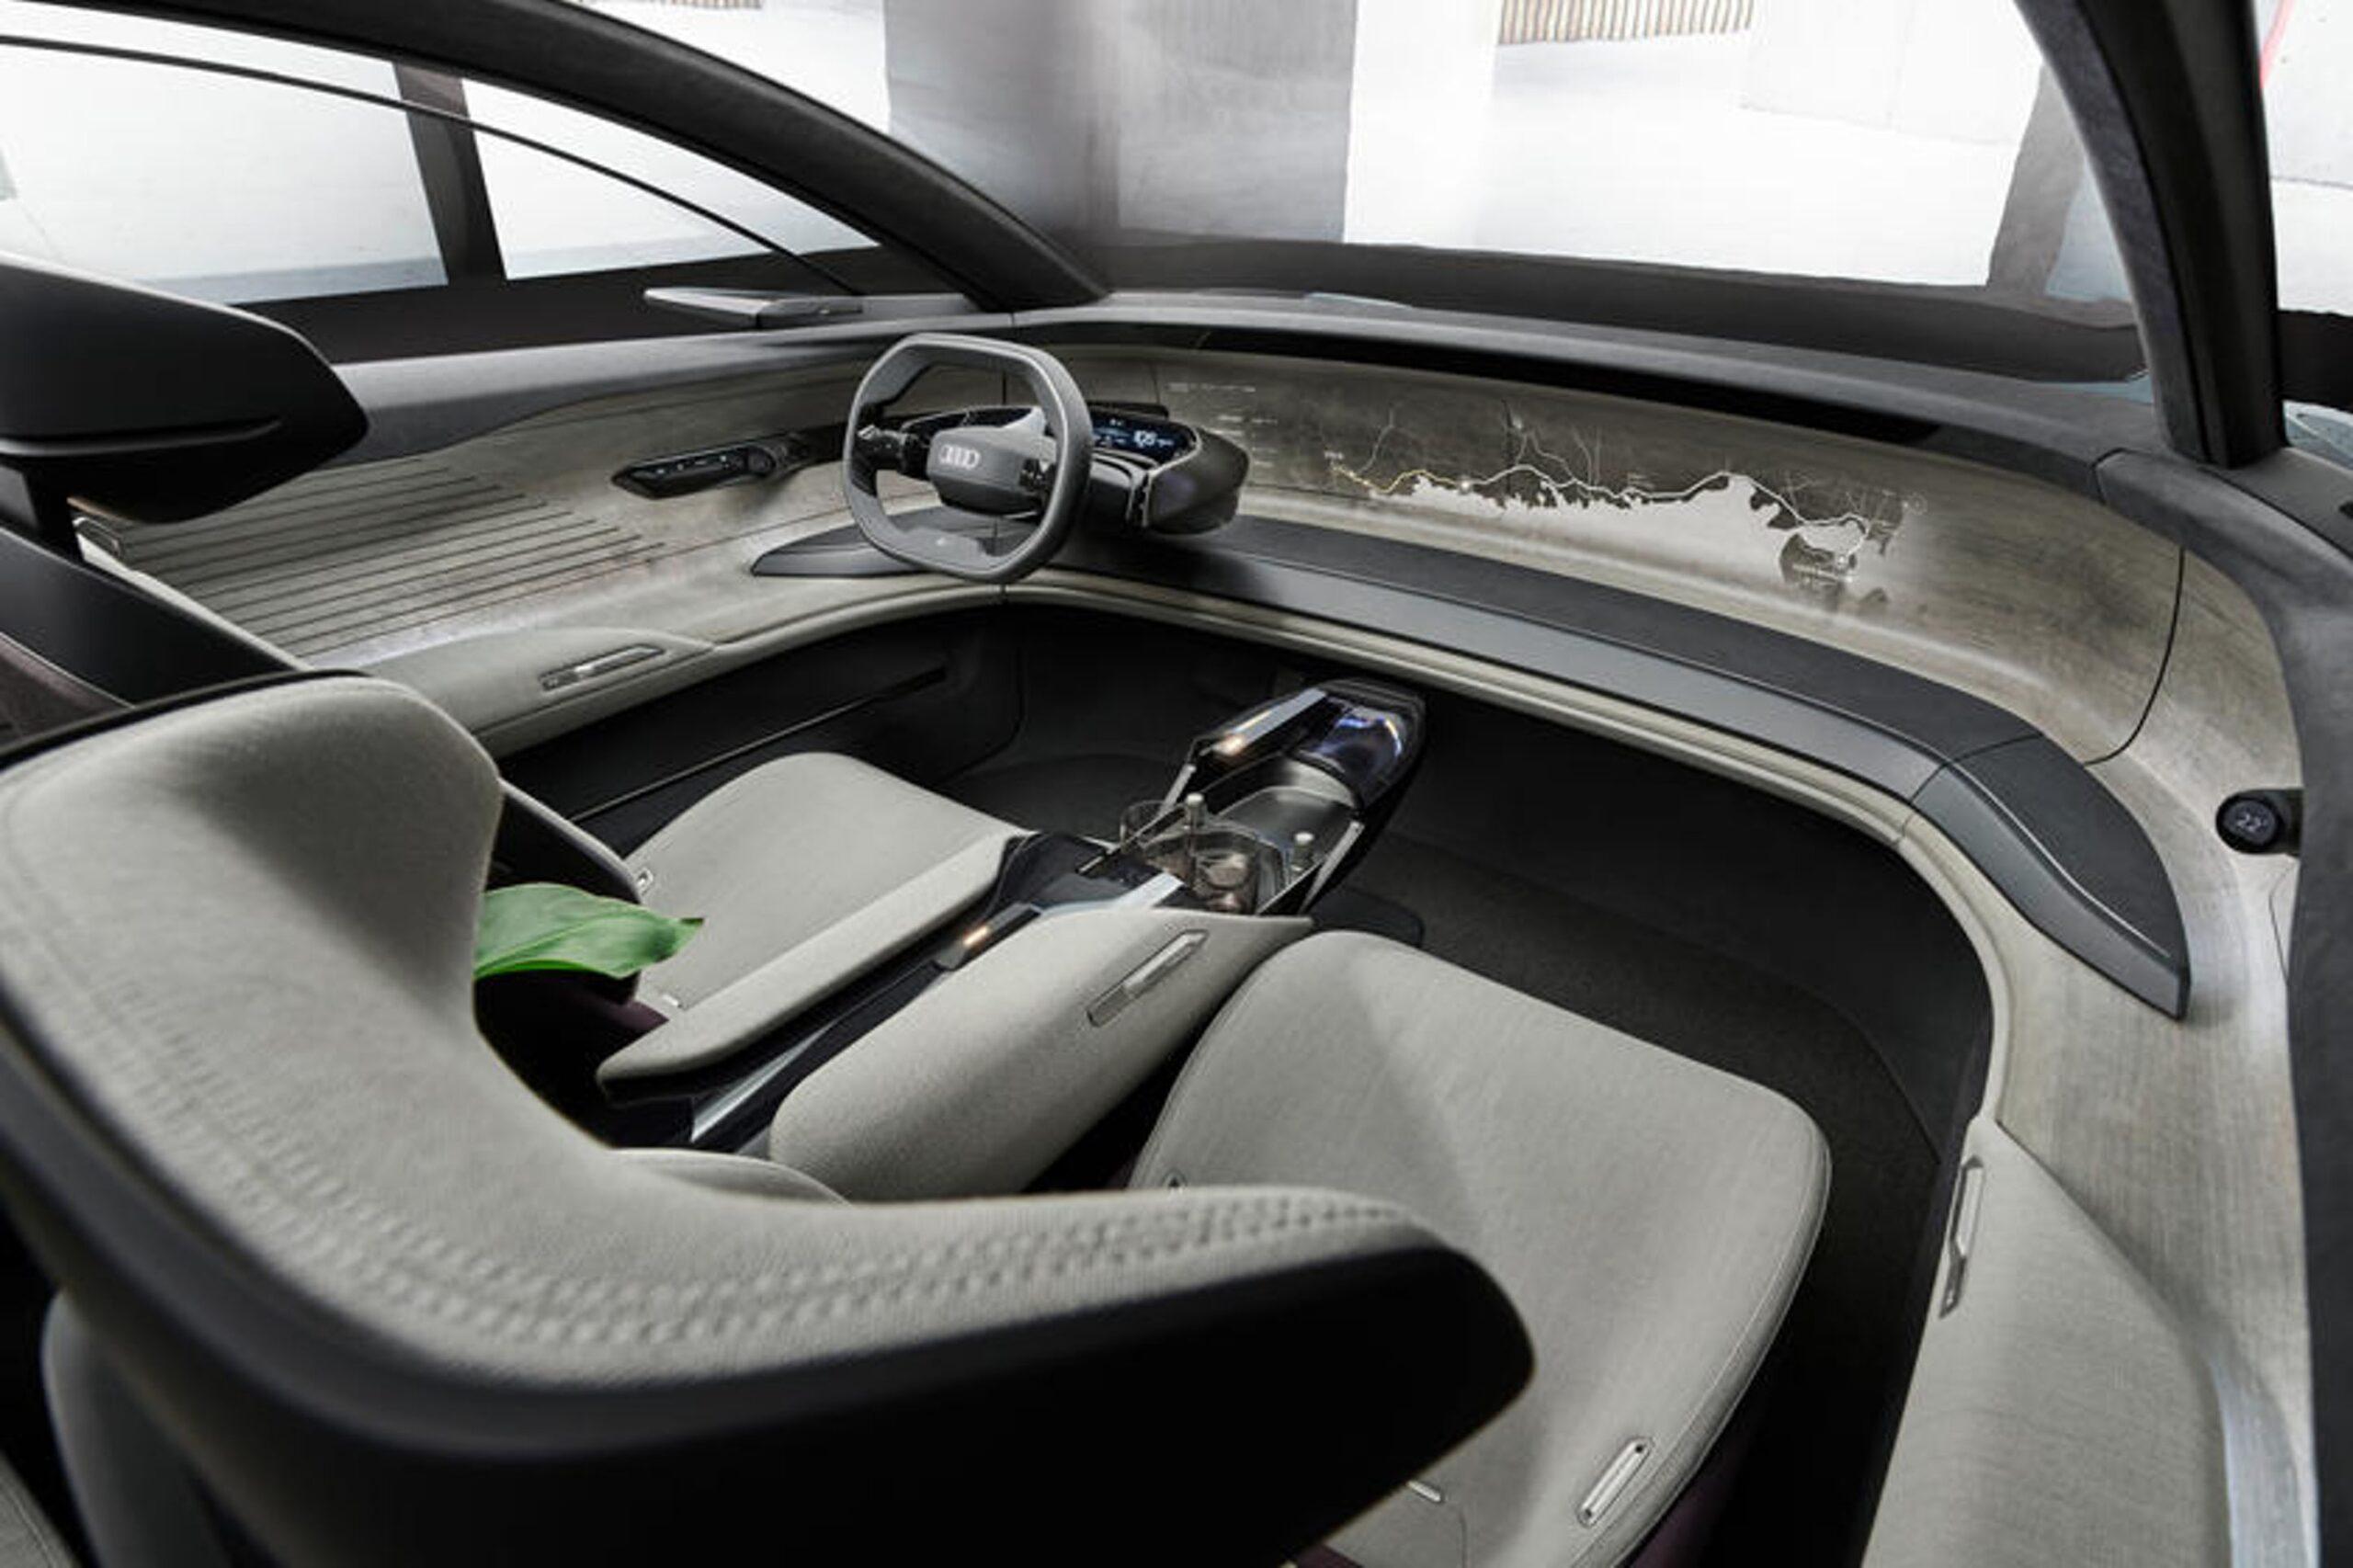 Audi skrotter ikke de fysiske knapper i deres nye biler. Dermed har fabrikken ombestemt sig i forhold til 2019.